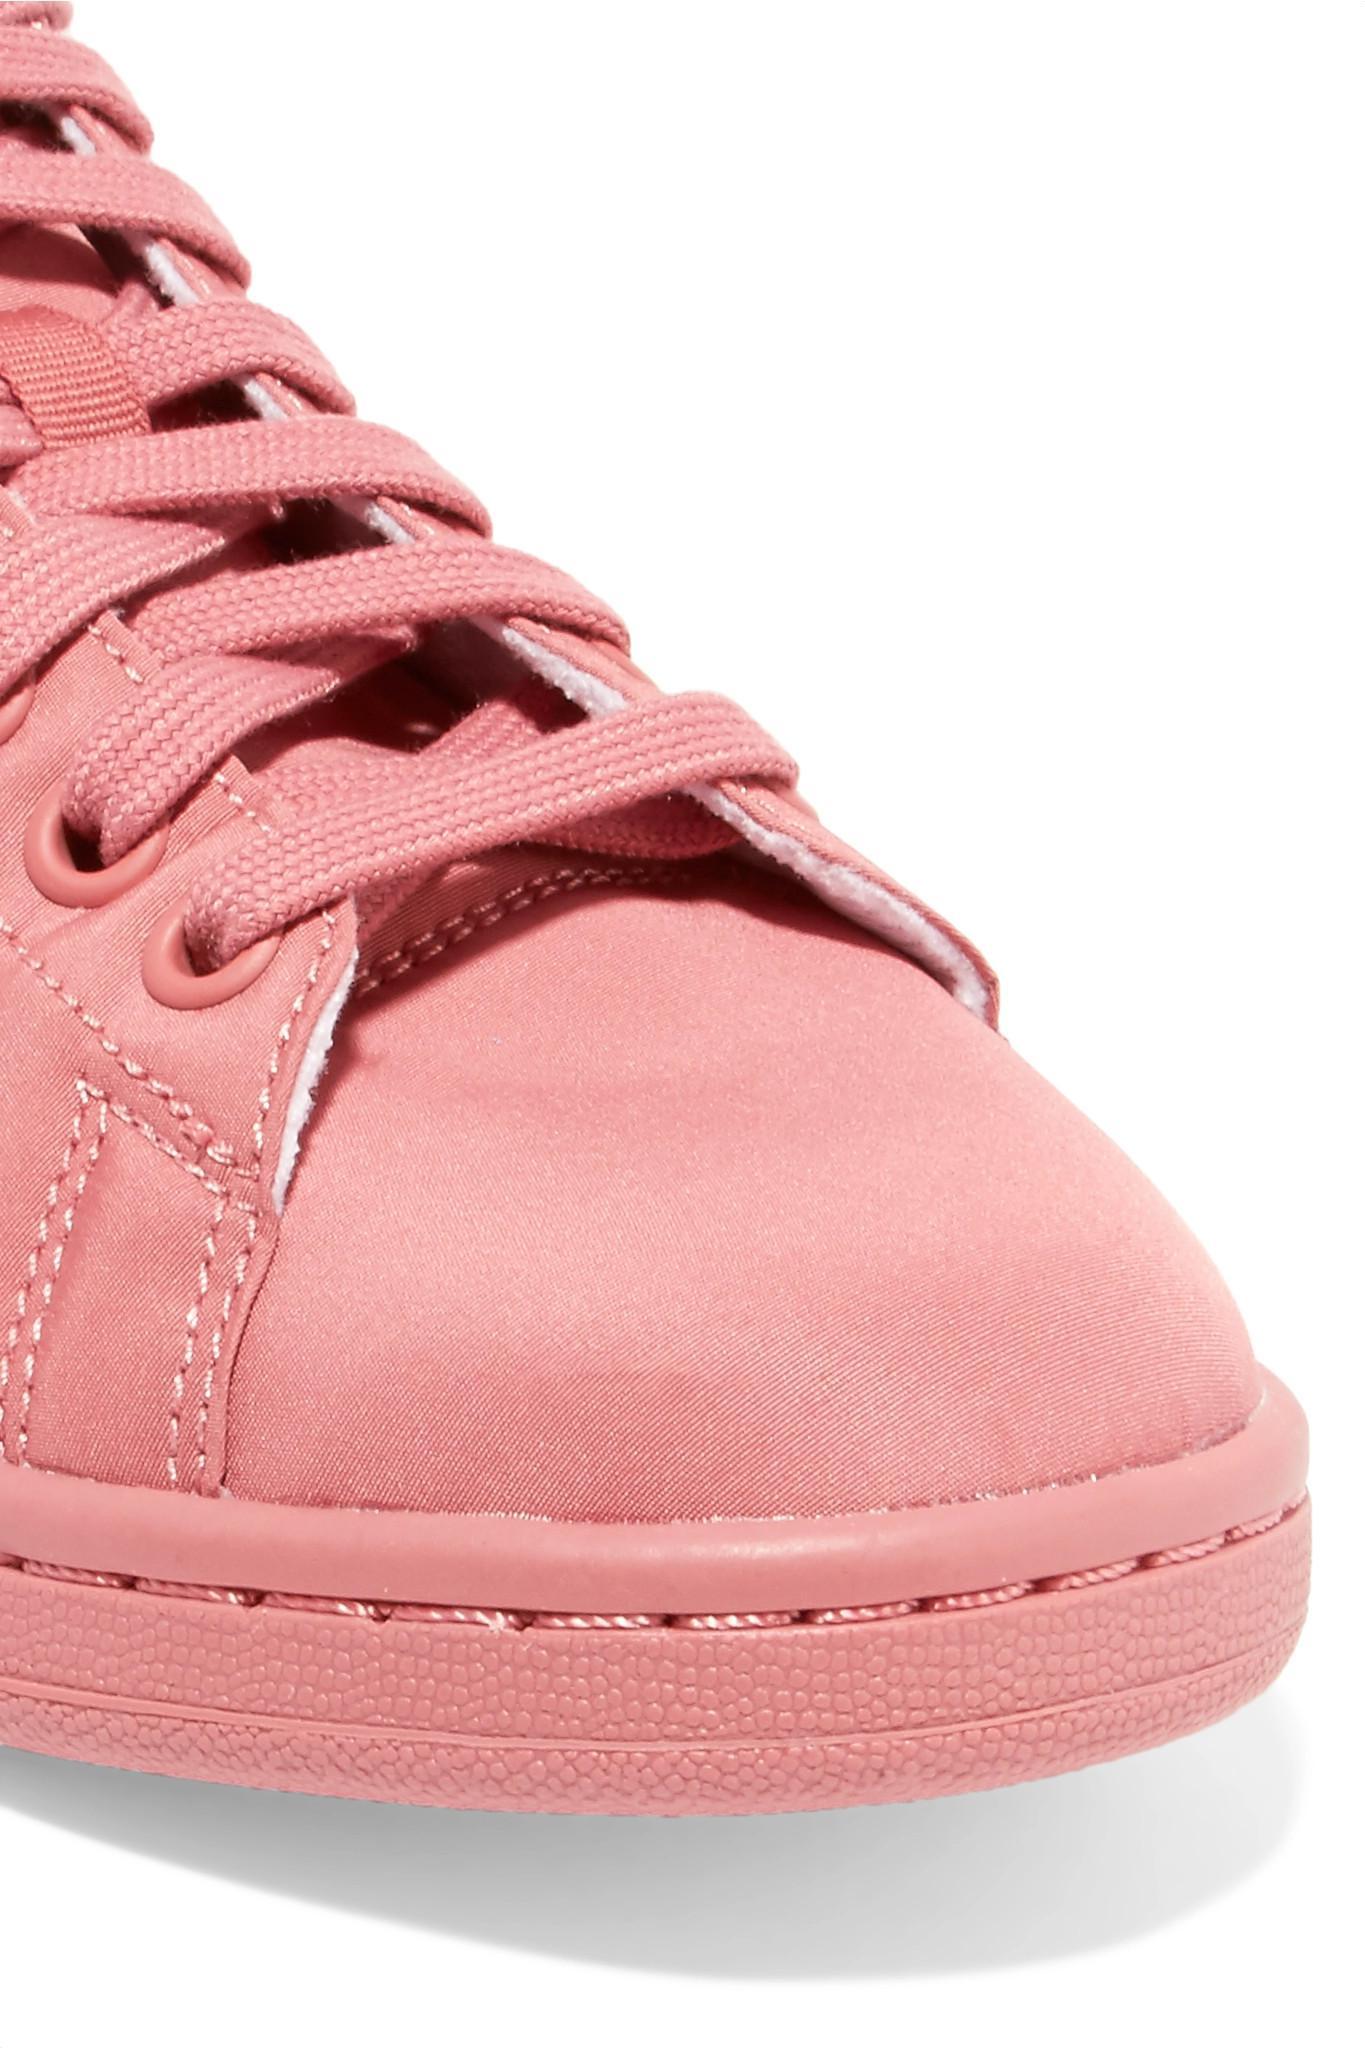 adidas Originals Suede-trimmed Sateen Sneakers in Pink